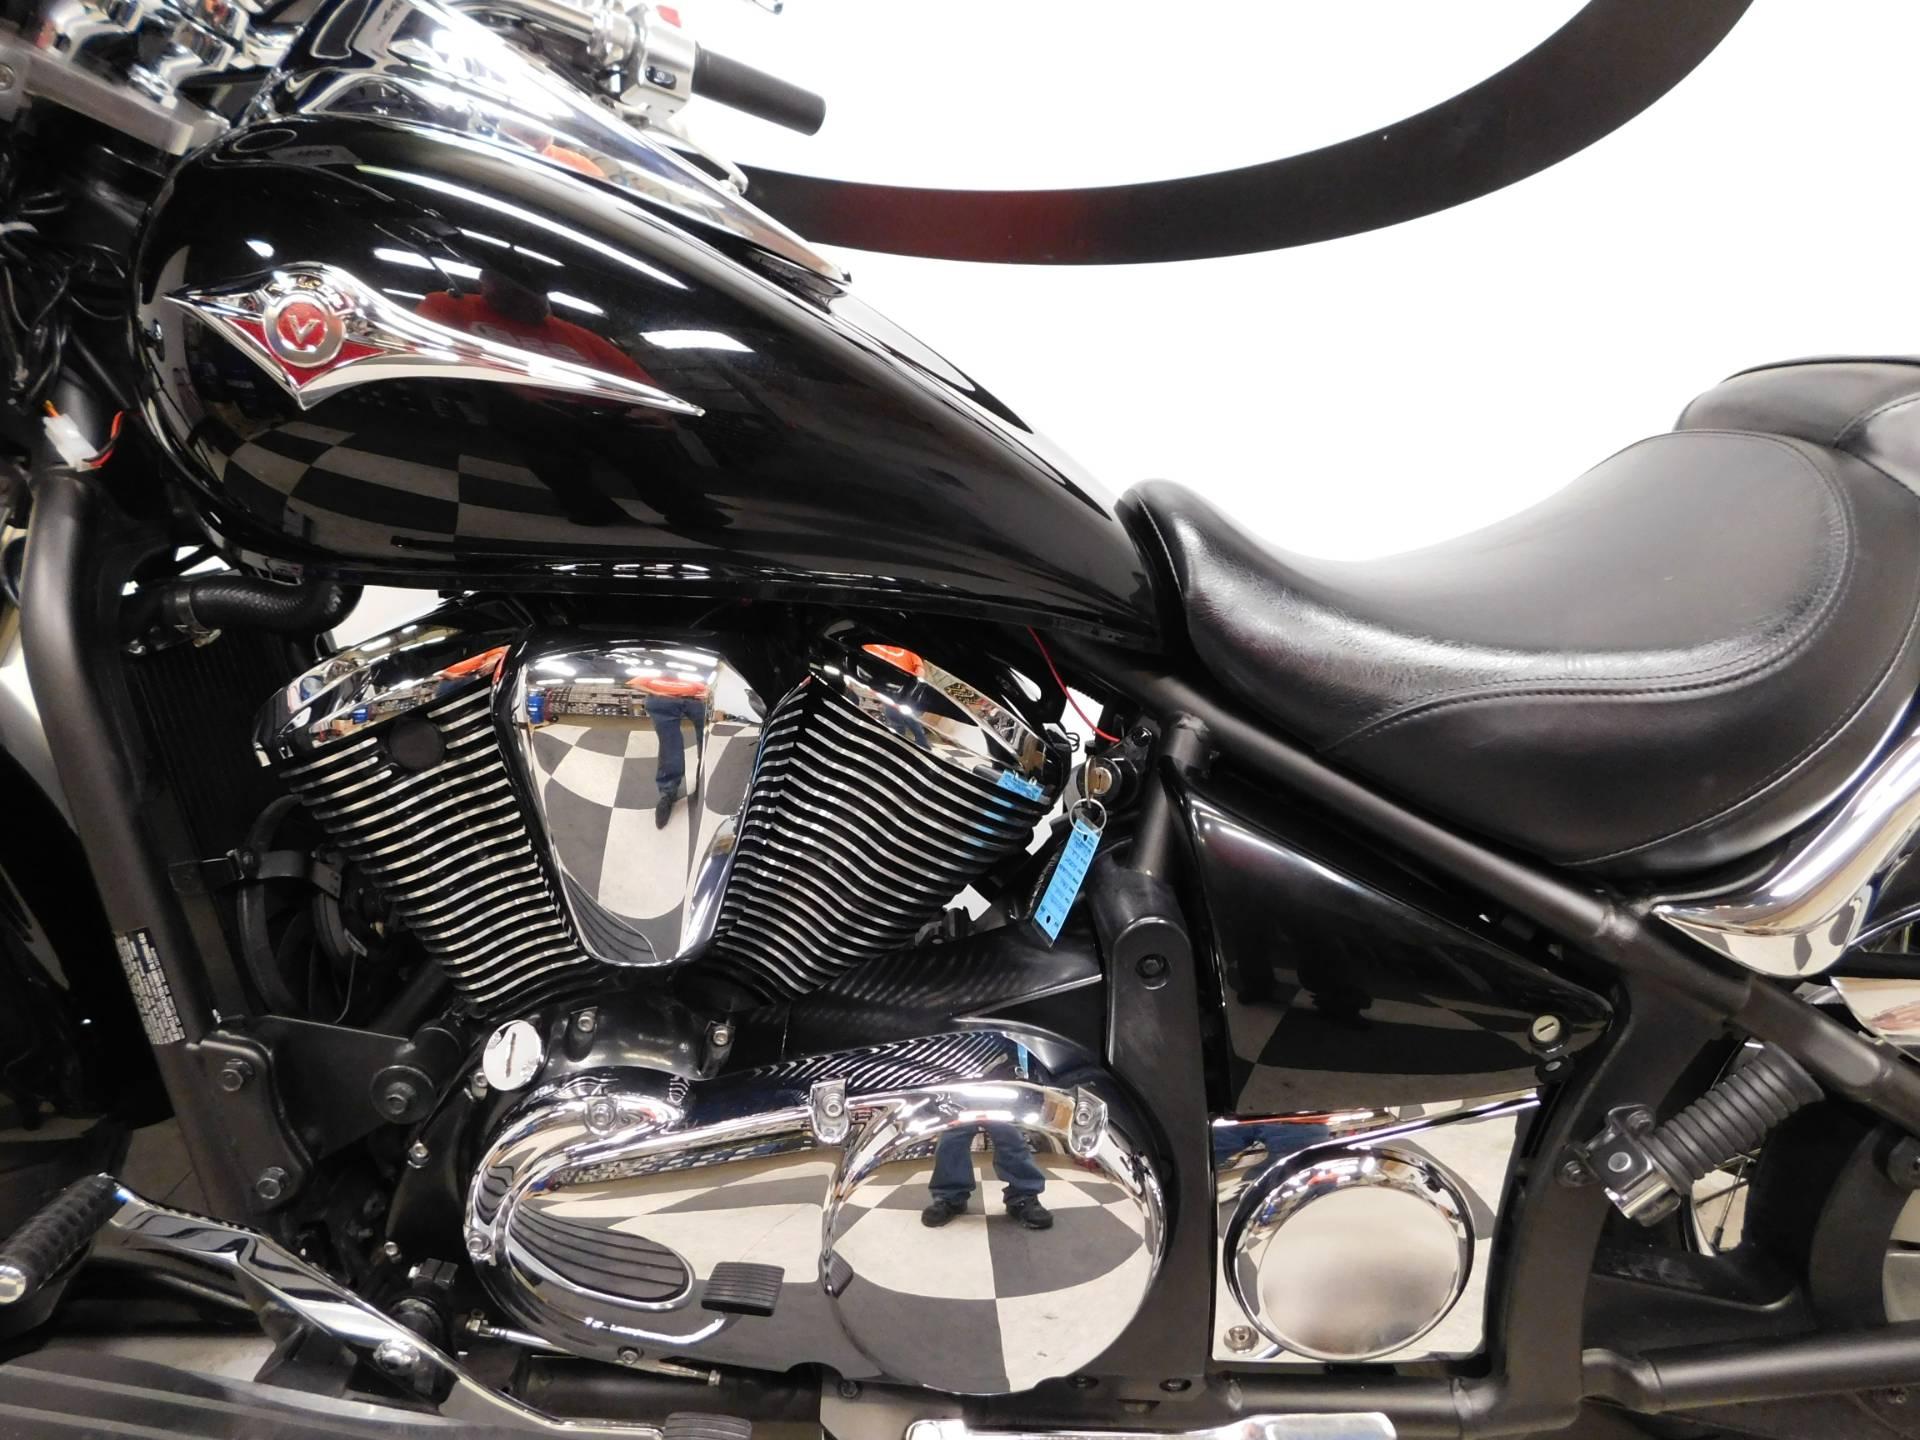 2009 Kawasaki Vulcan 900 Custom 9